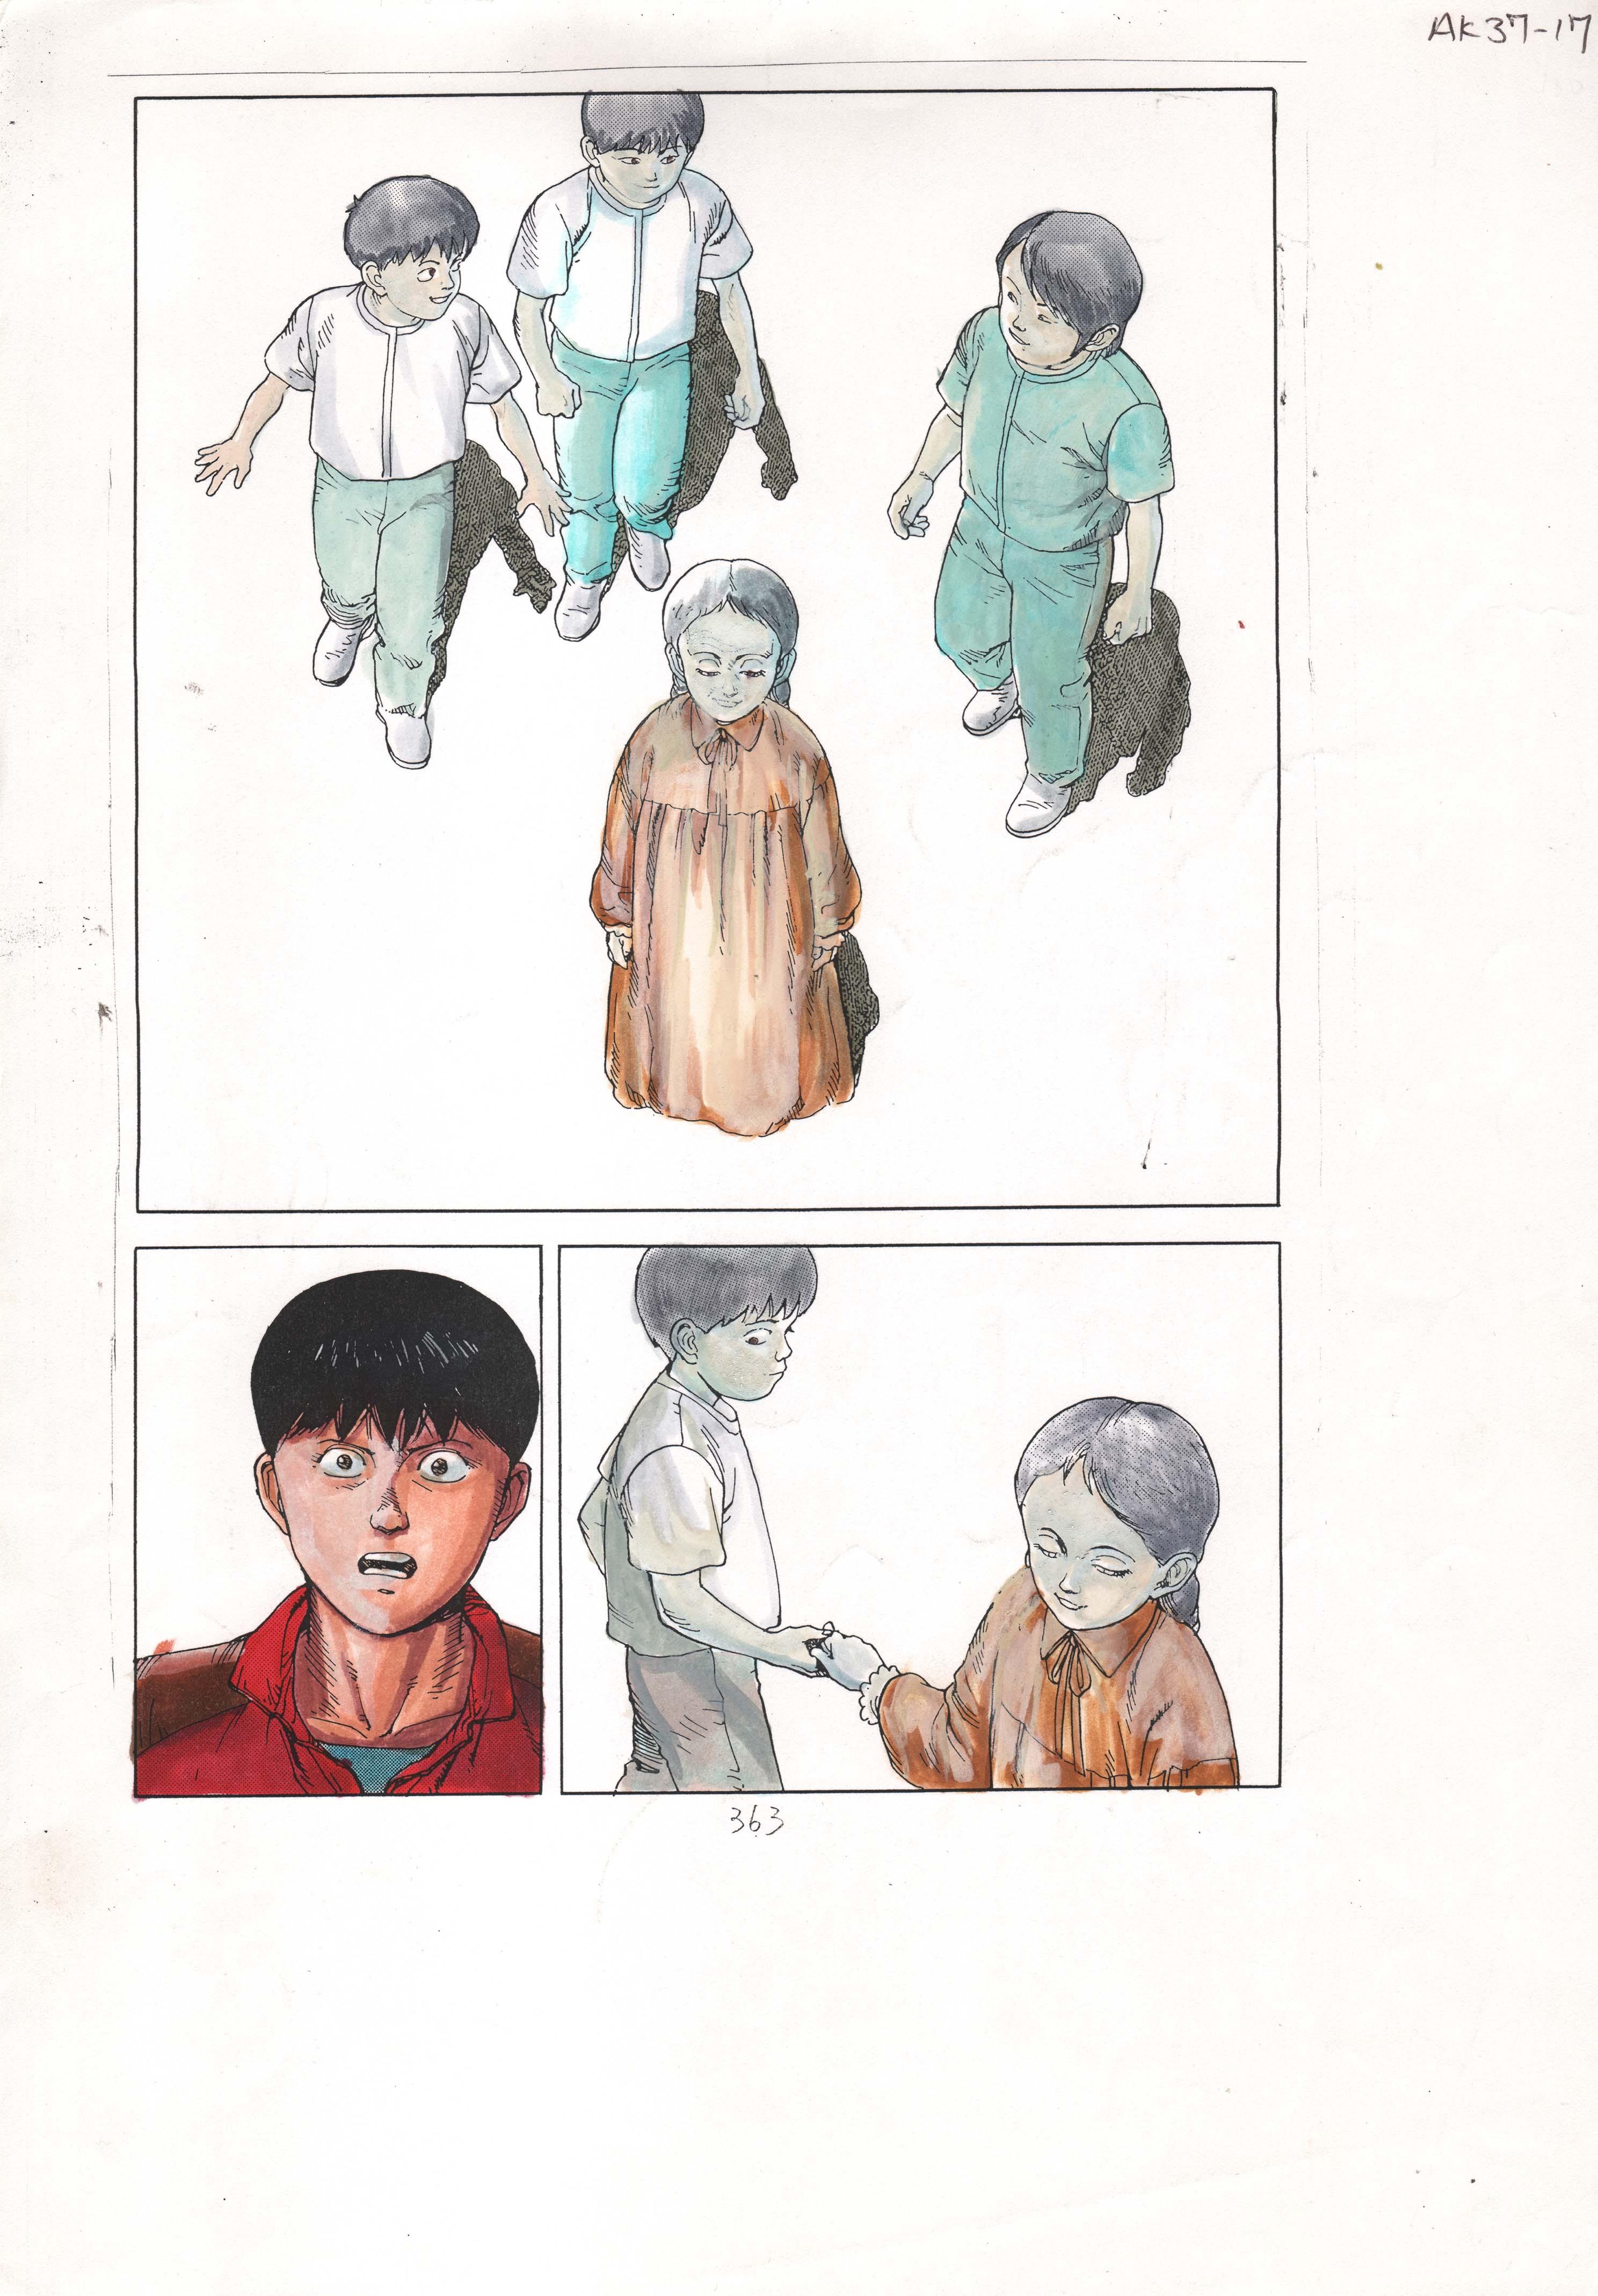 Guia de cores de Akira, de Steve Oliff sobre o desenho original de Katsuhiro Otomo (Foto: Divulgação)